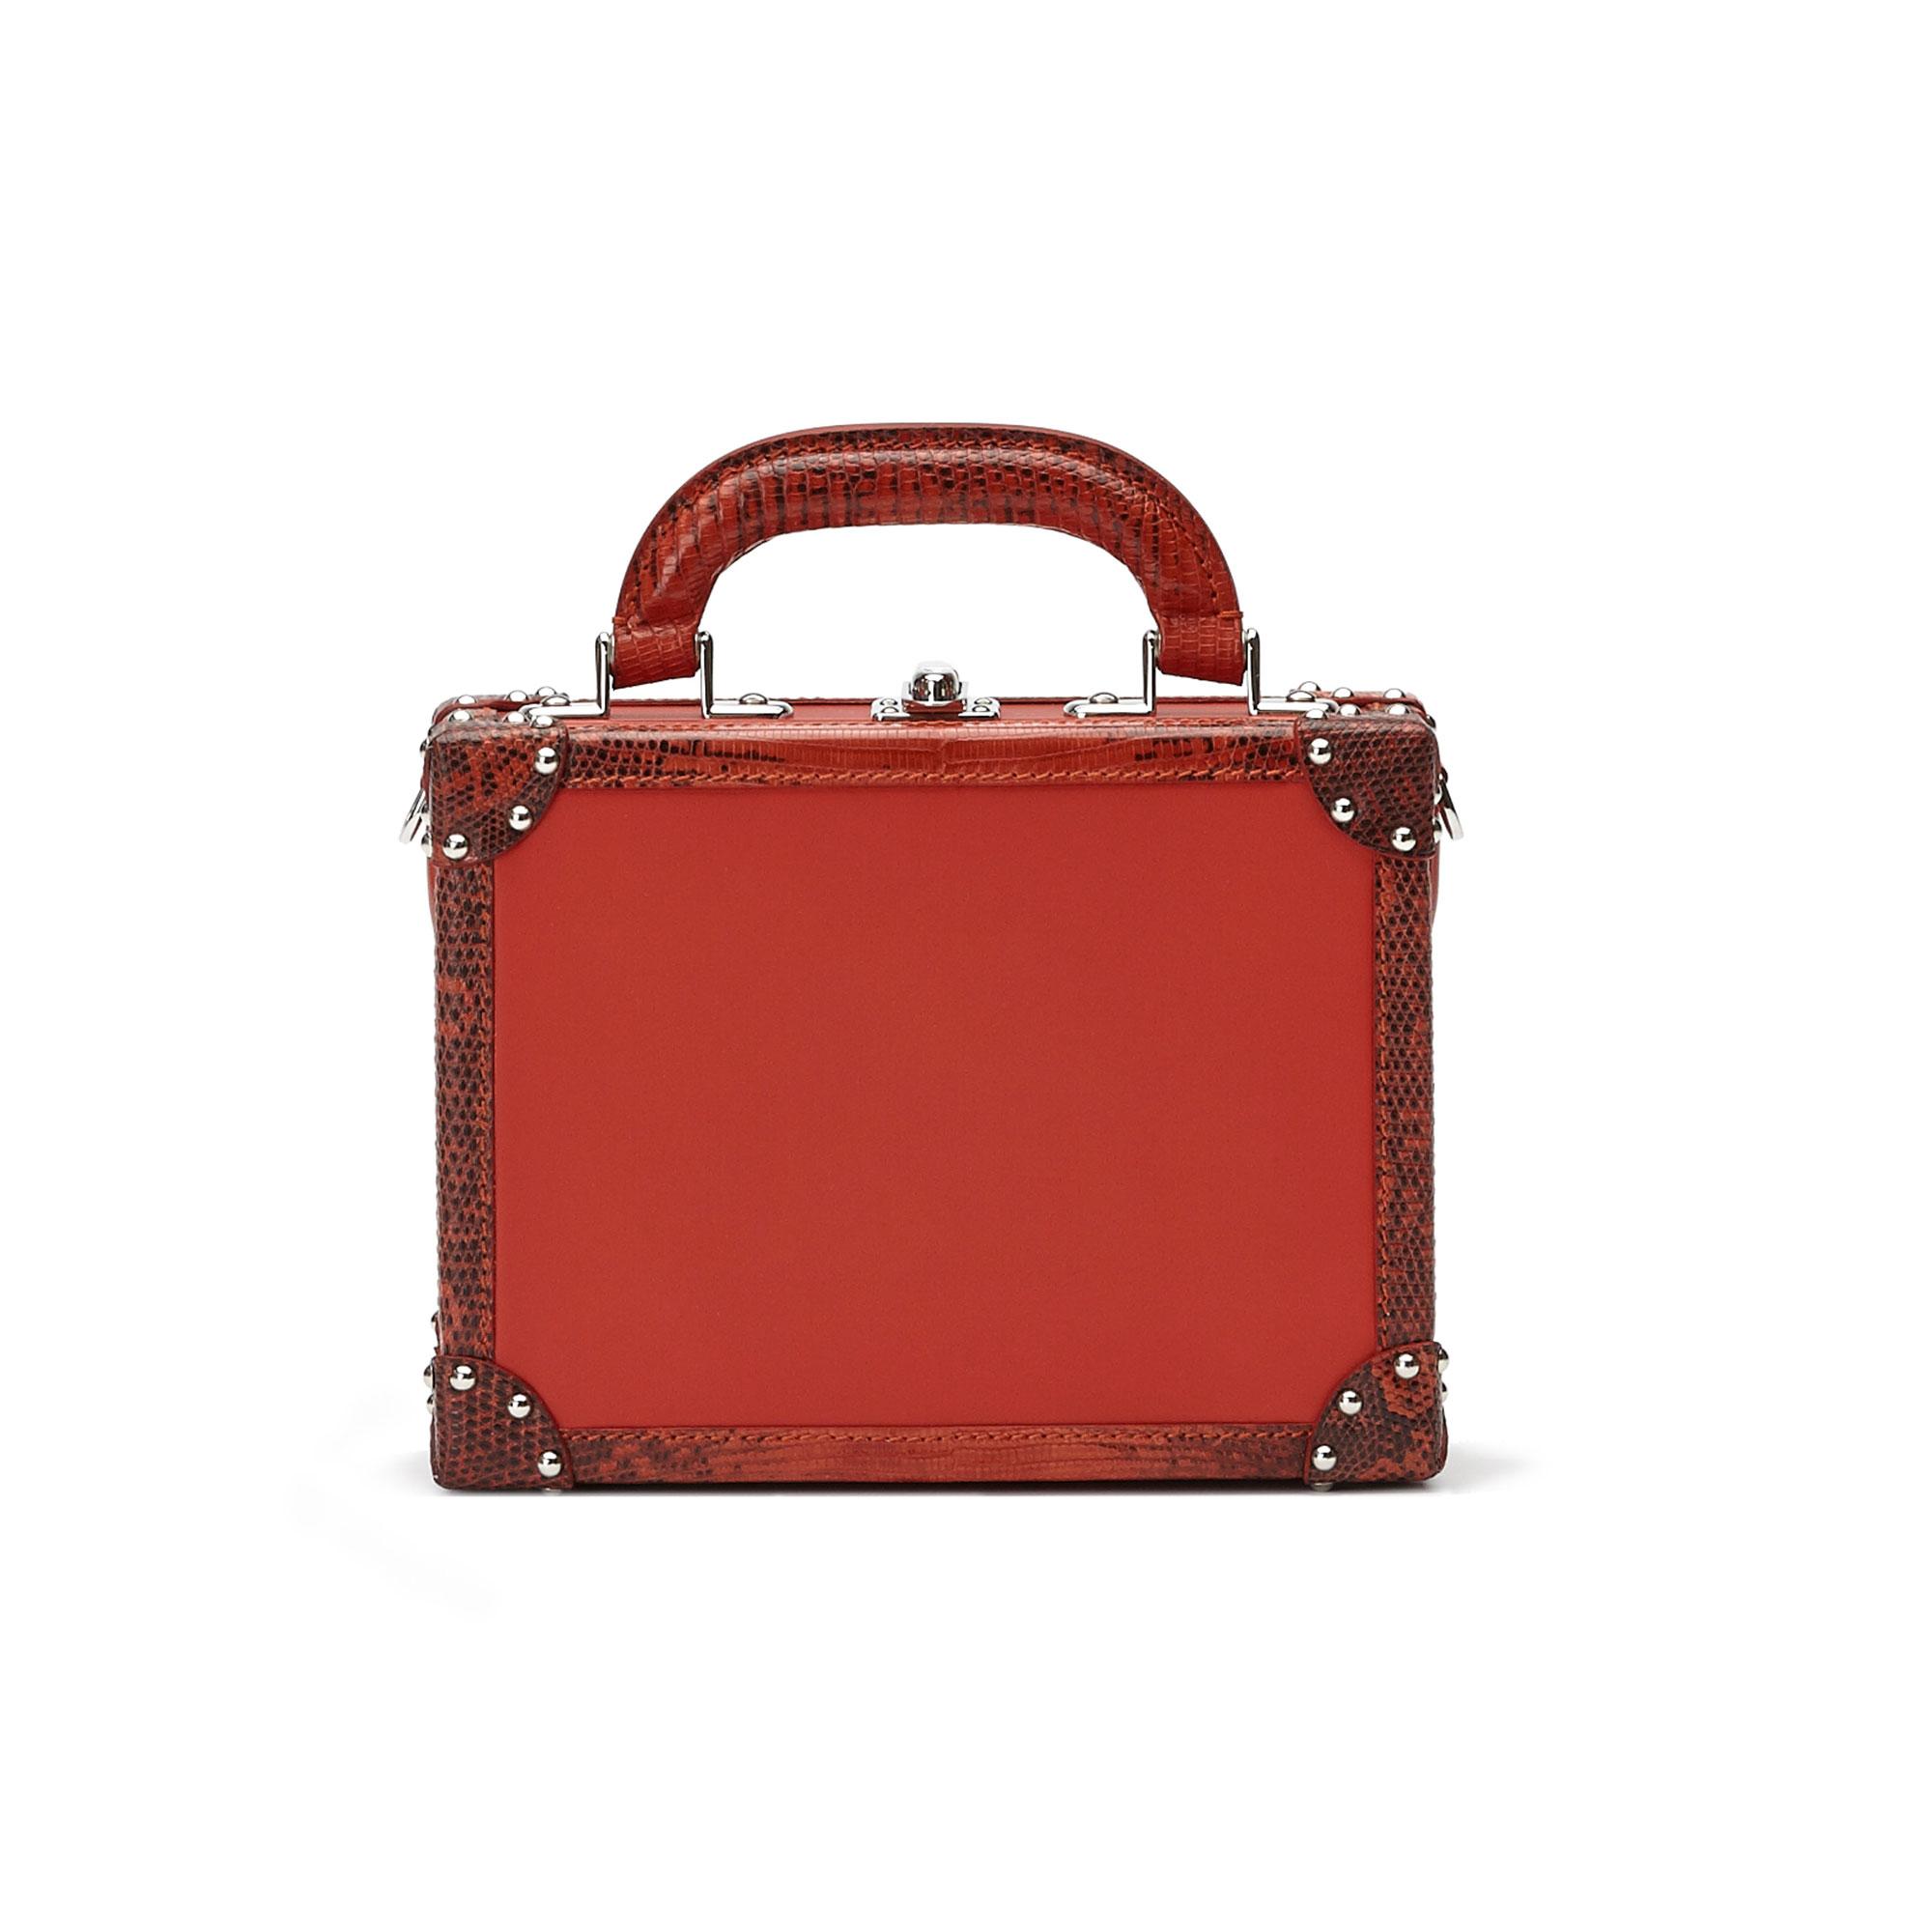 The chianti color french calf lizard Mini Squared Bertoncina bag by Bertoni 1949 01